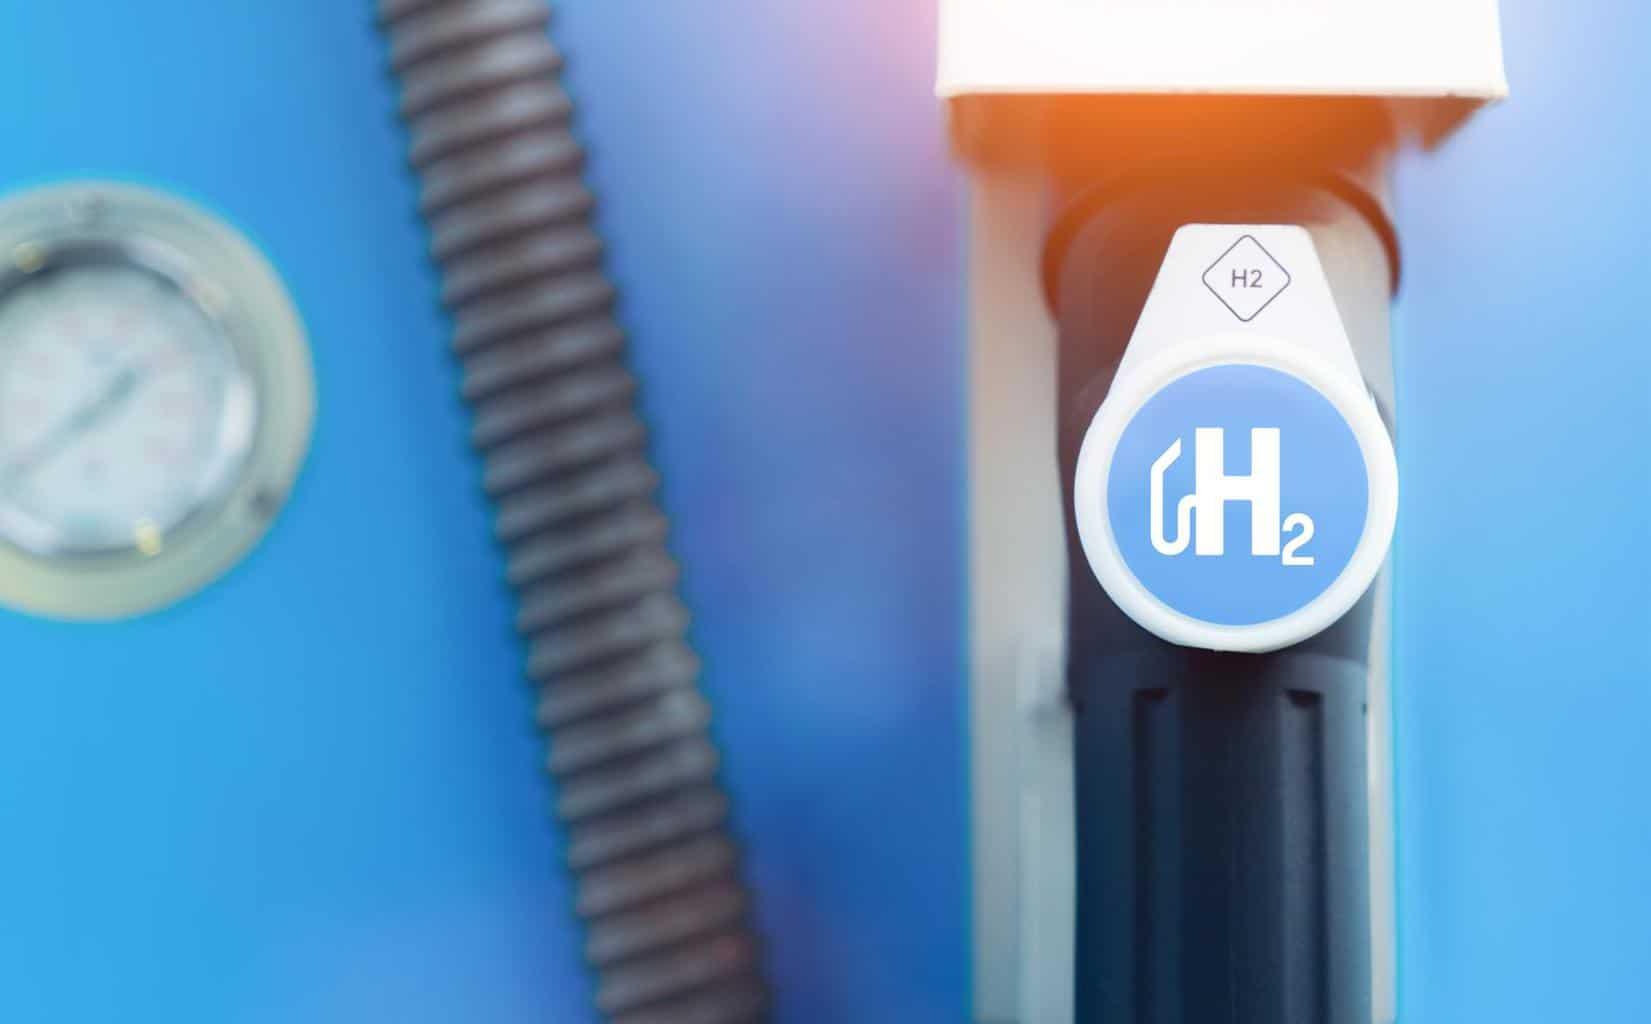 Europäisches Wasserstoff-Netz soll sich über 23.000 km erstrecken